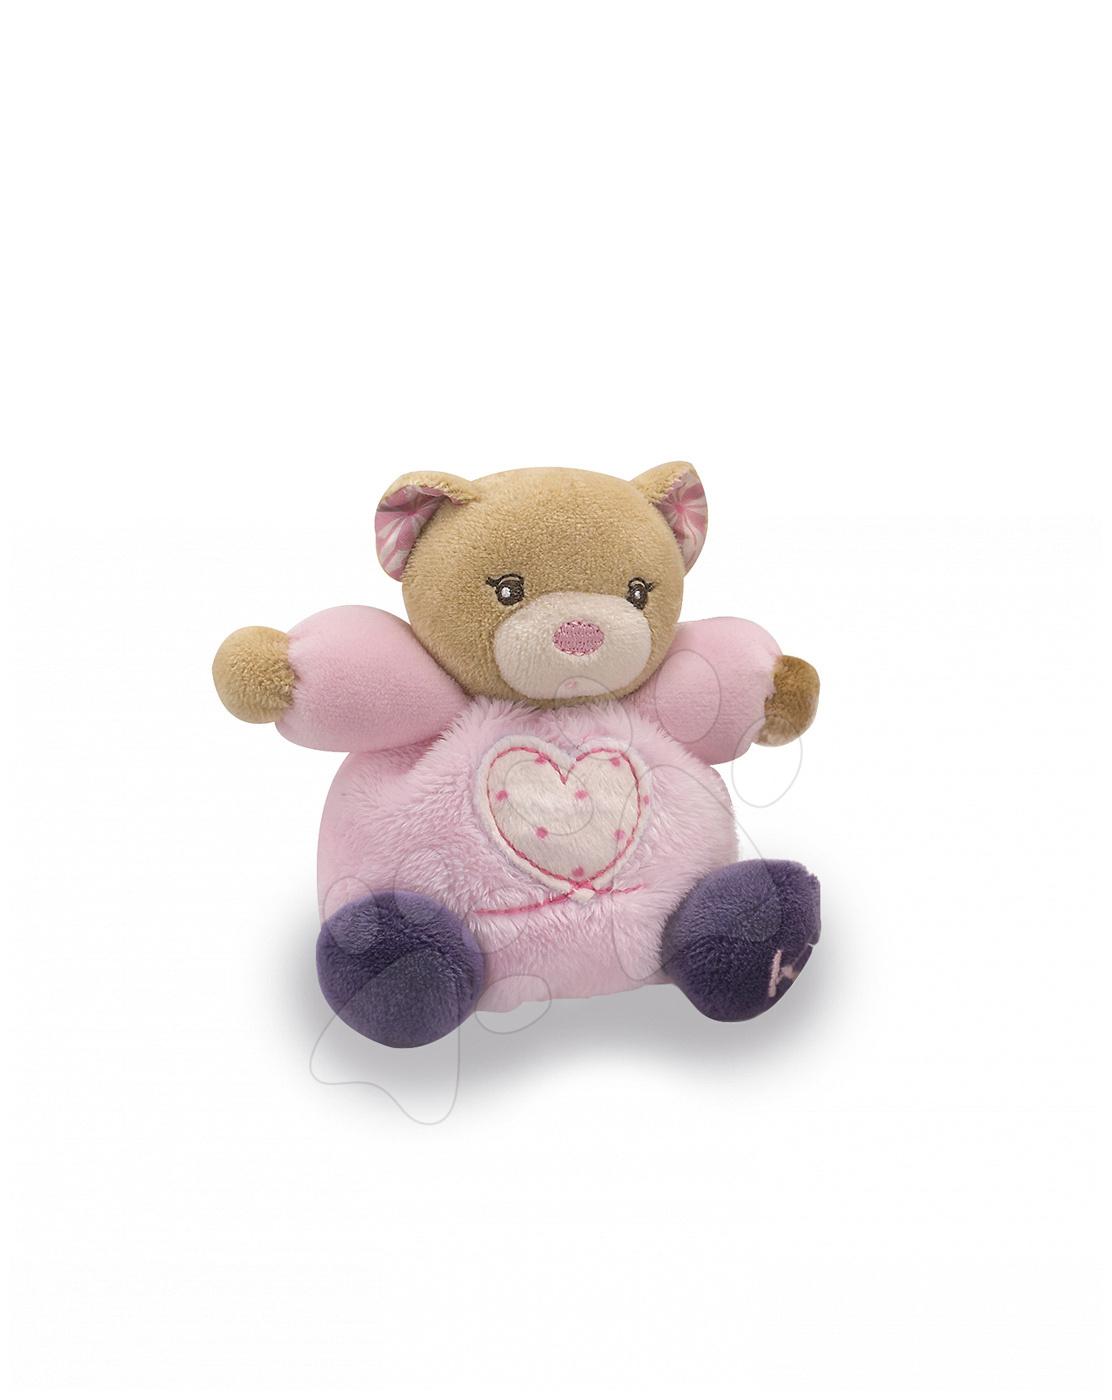 Plyšové medvede - Plyšový medvedík Petite Rose-Mini Chubbies Kaloo 12 cm pre najmenších